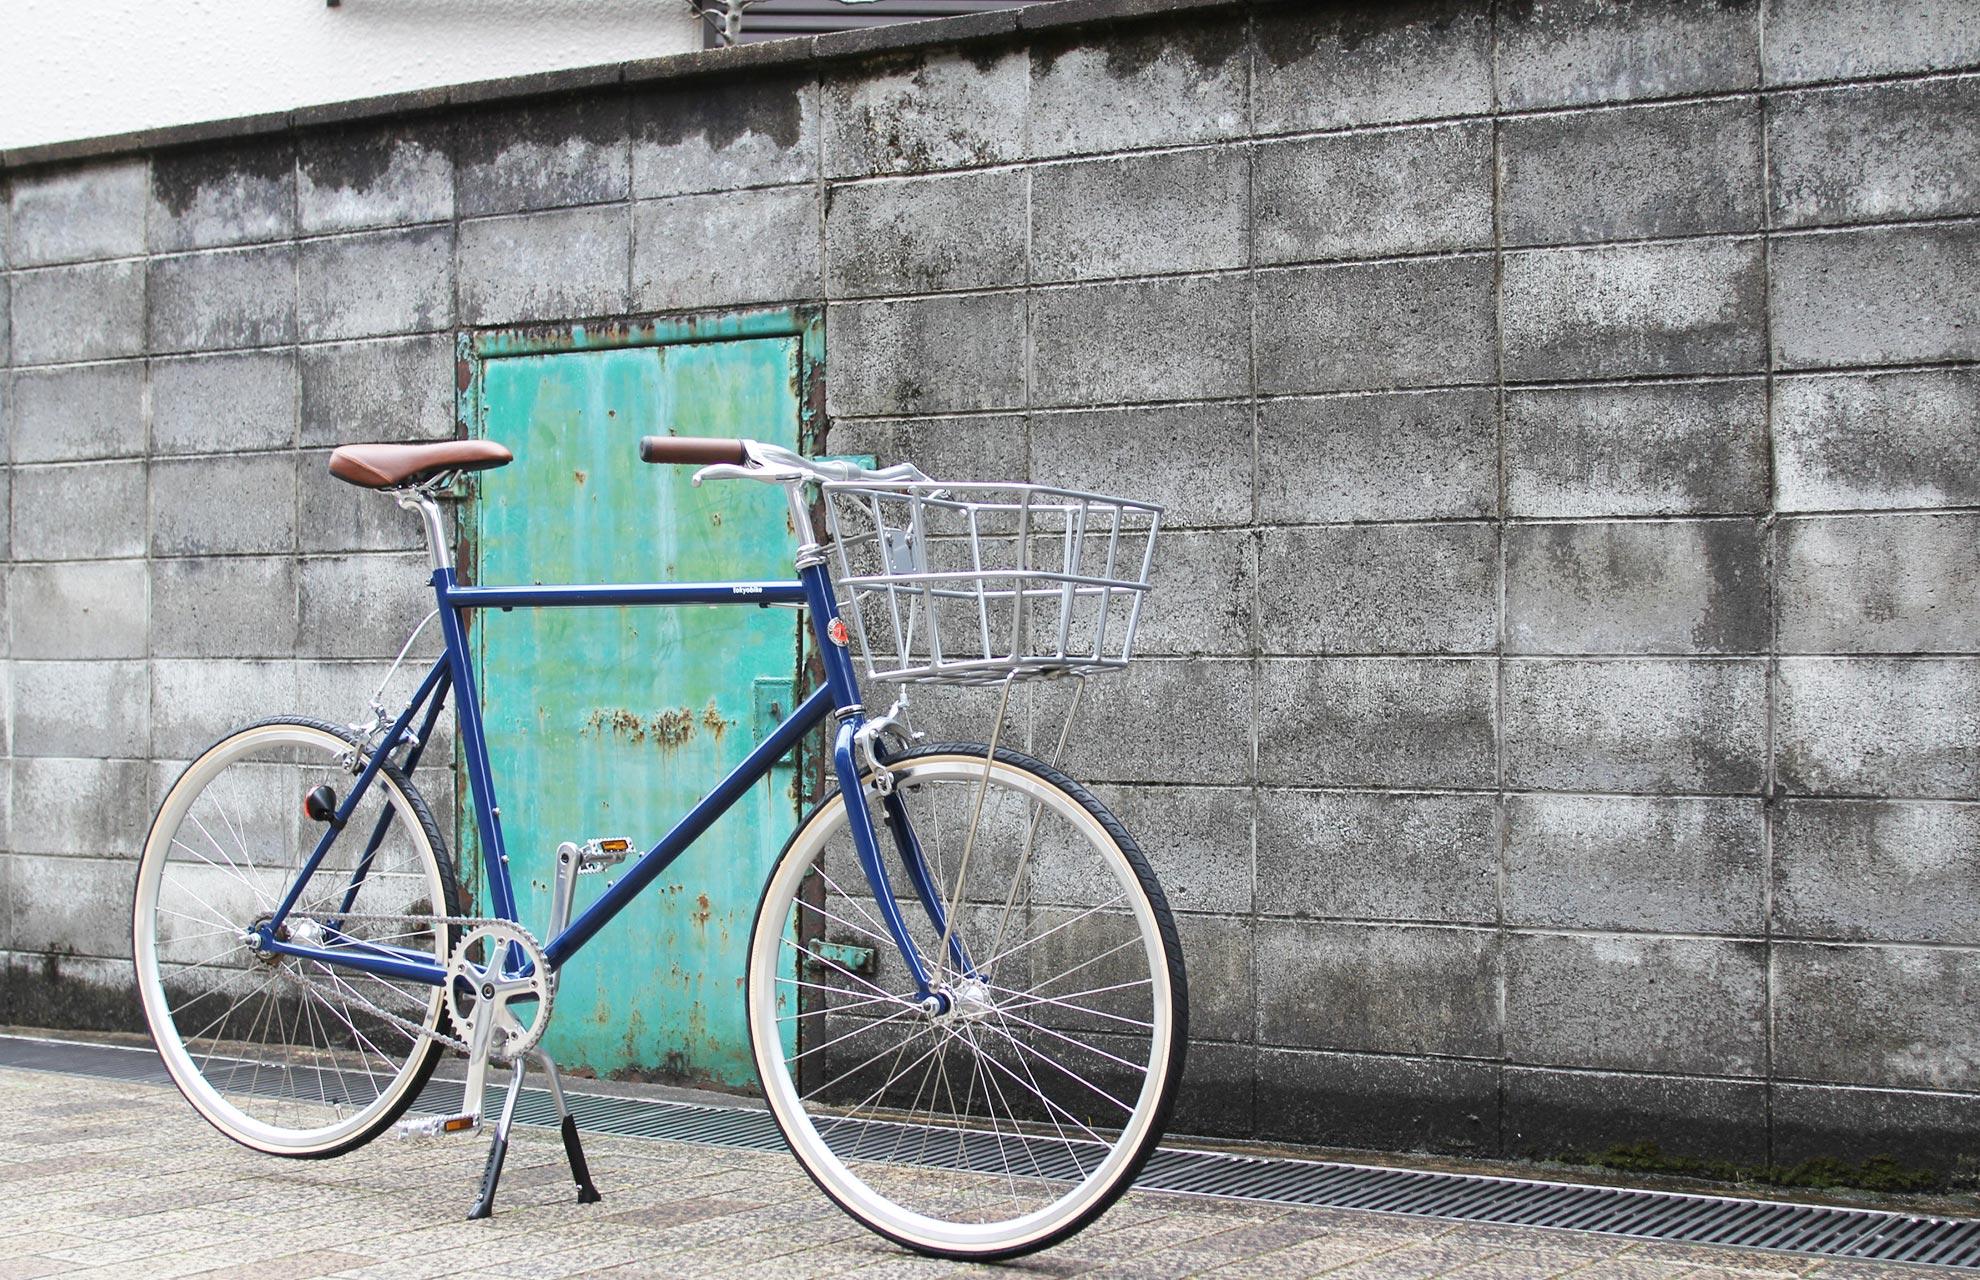 tokyobike『MONO』にバスケットとダブルレッグセンタースタンドをカスタム